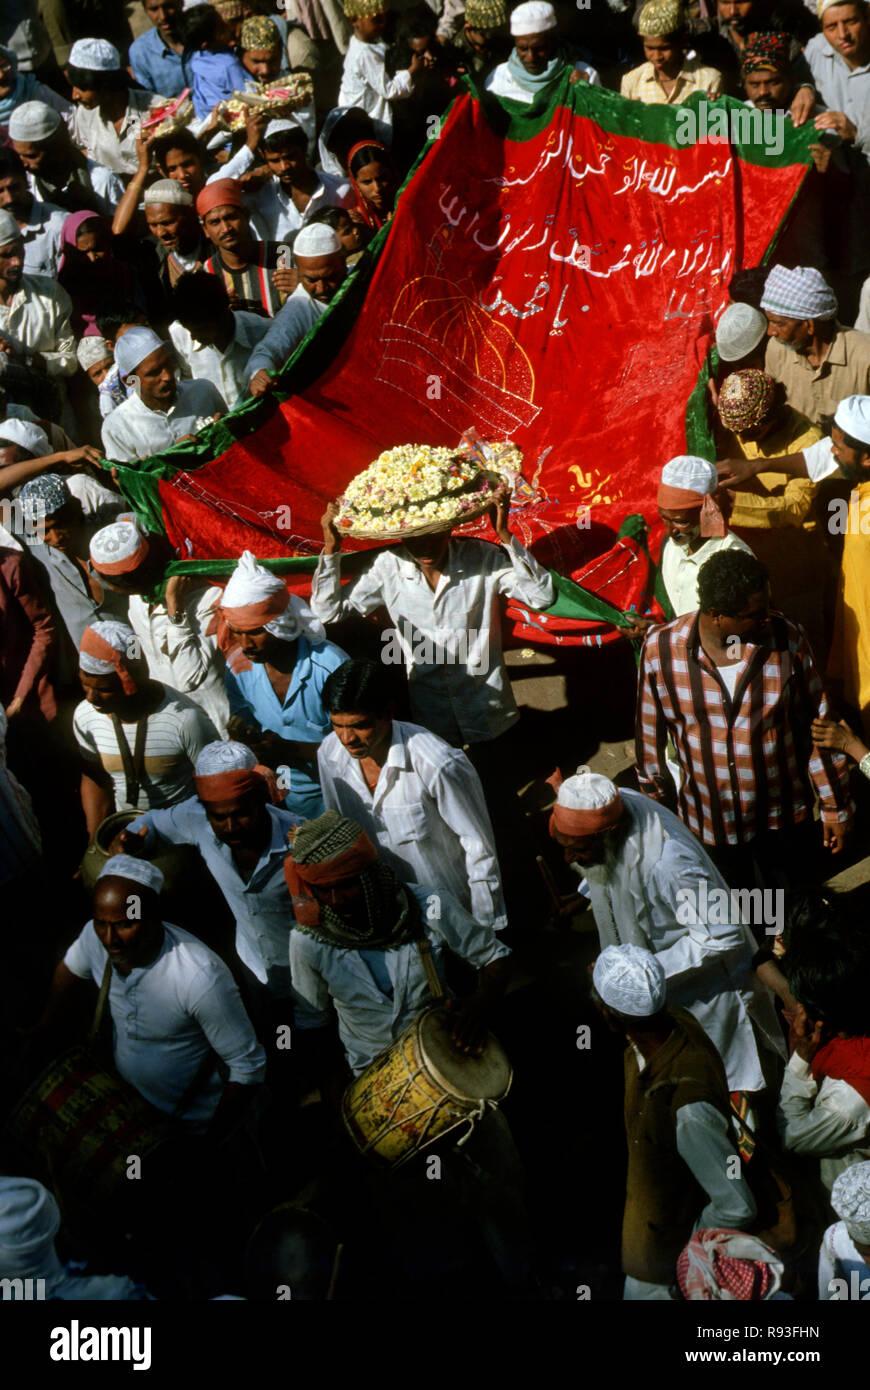 islam celebration, ajmer, rajasthan, india - Stock Image